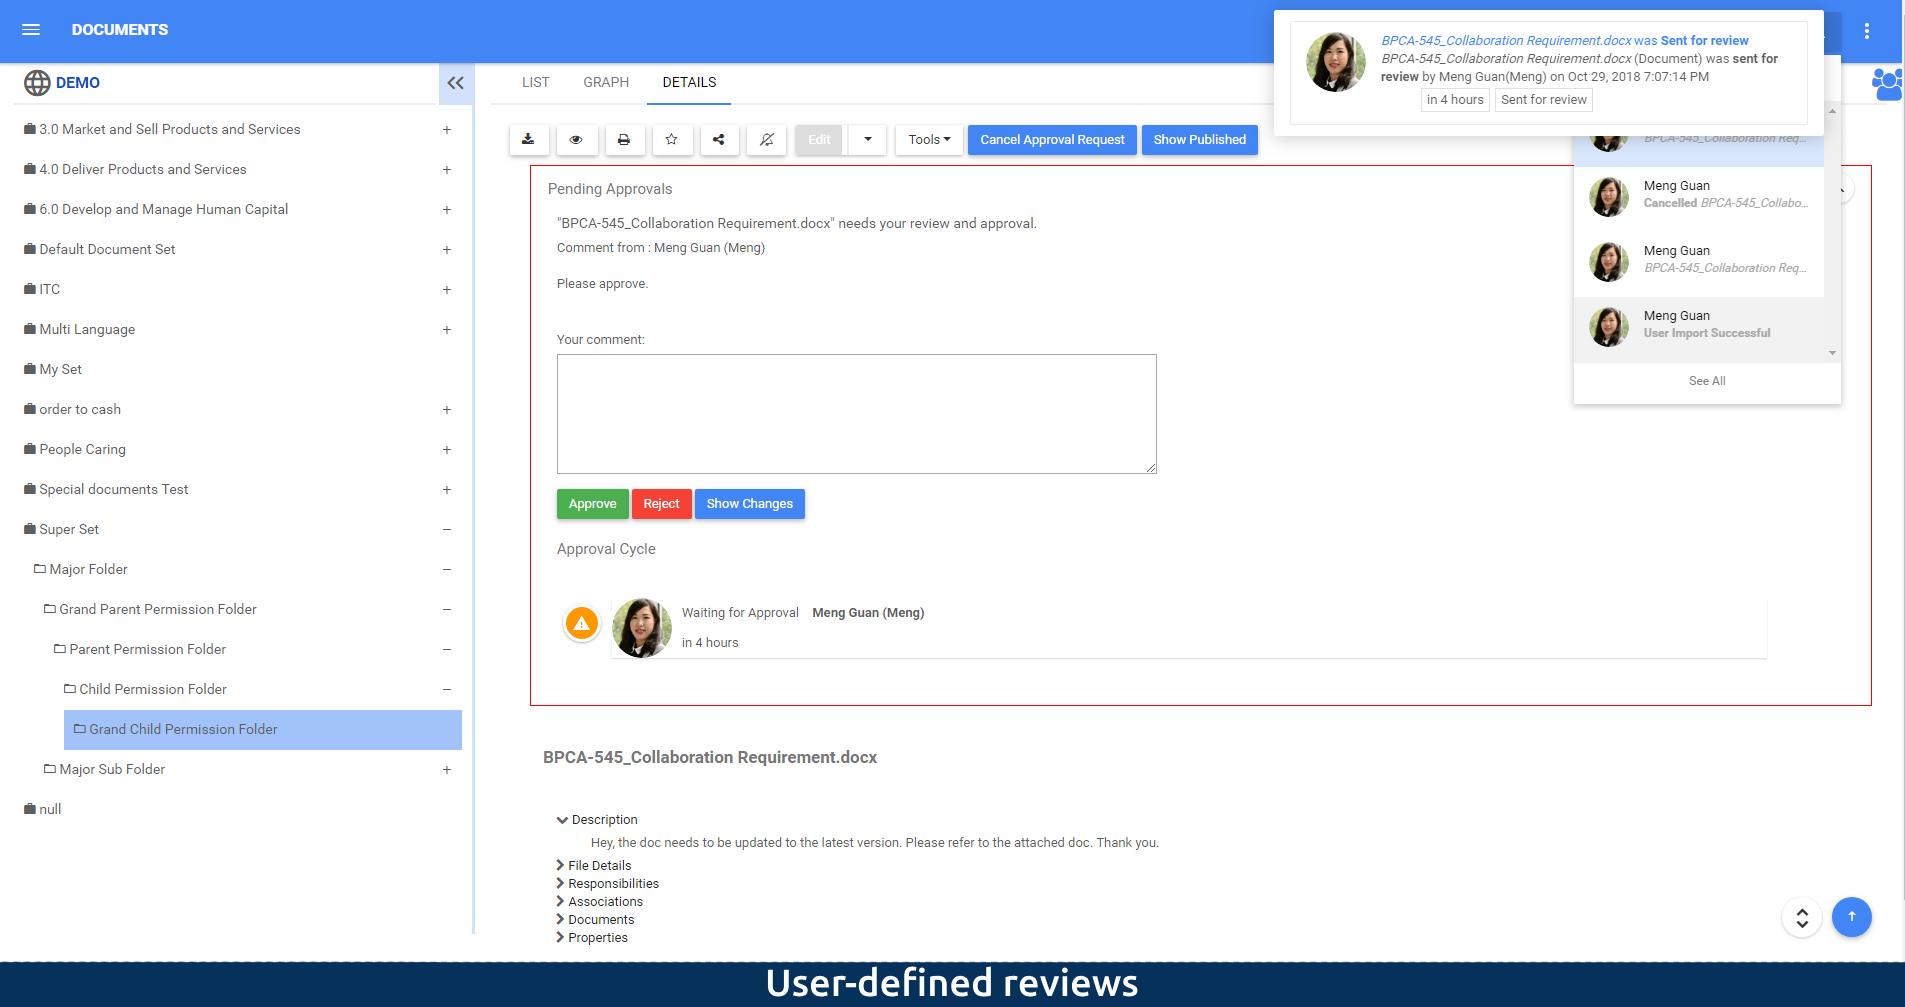 Revisiones definidas por el usuario